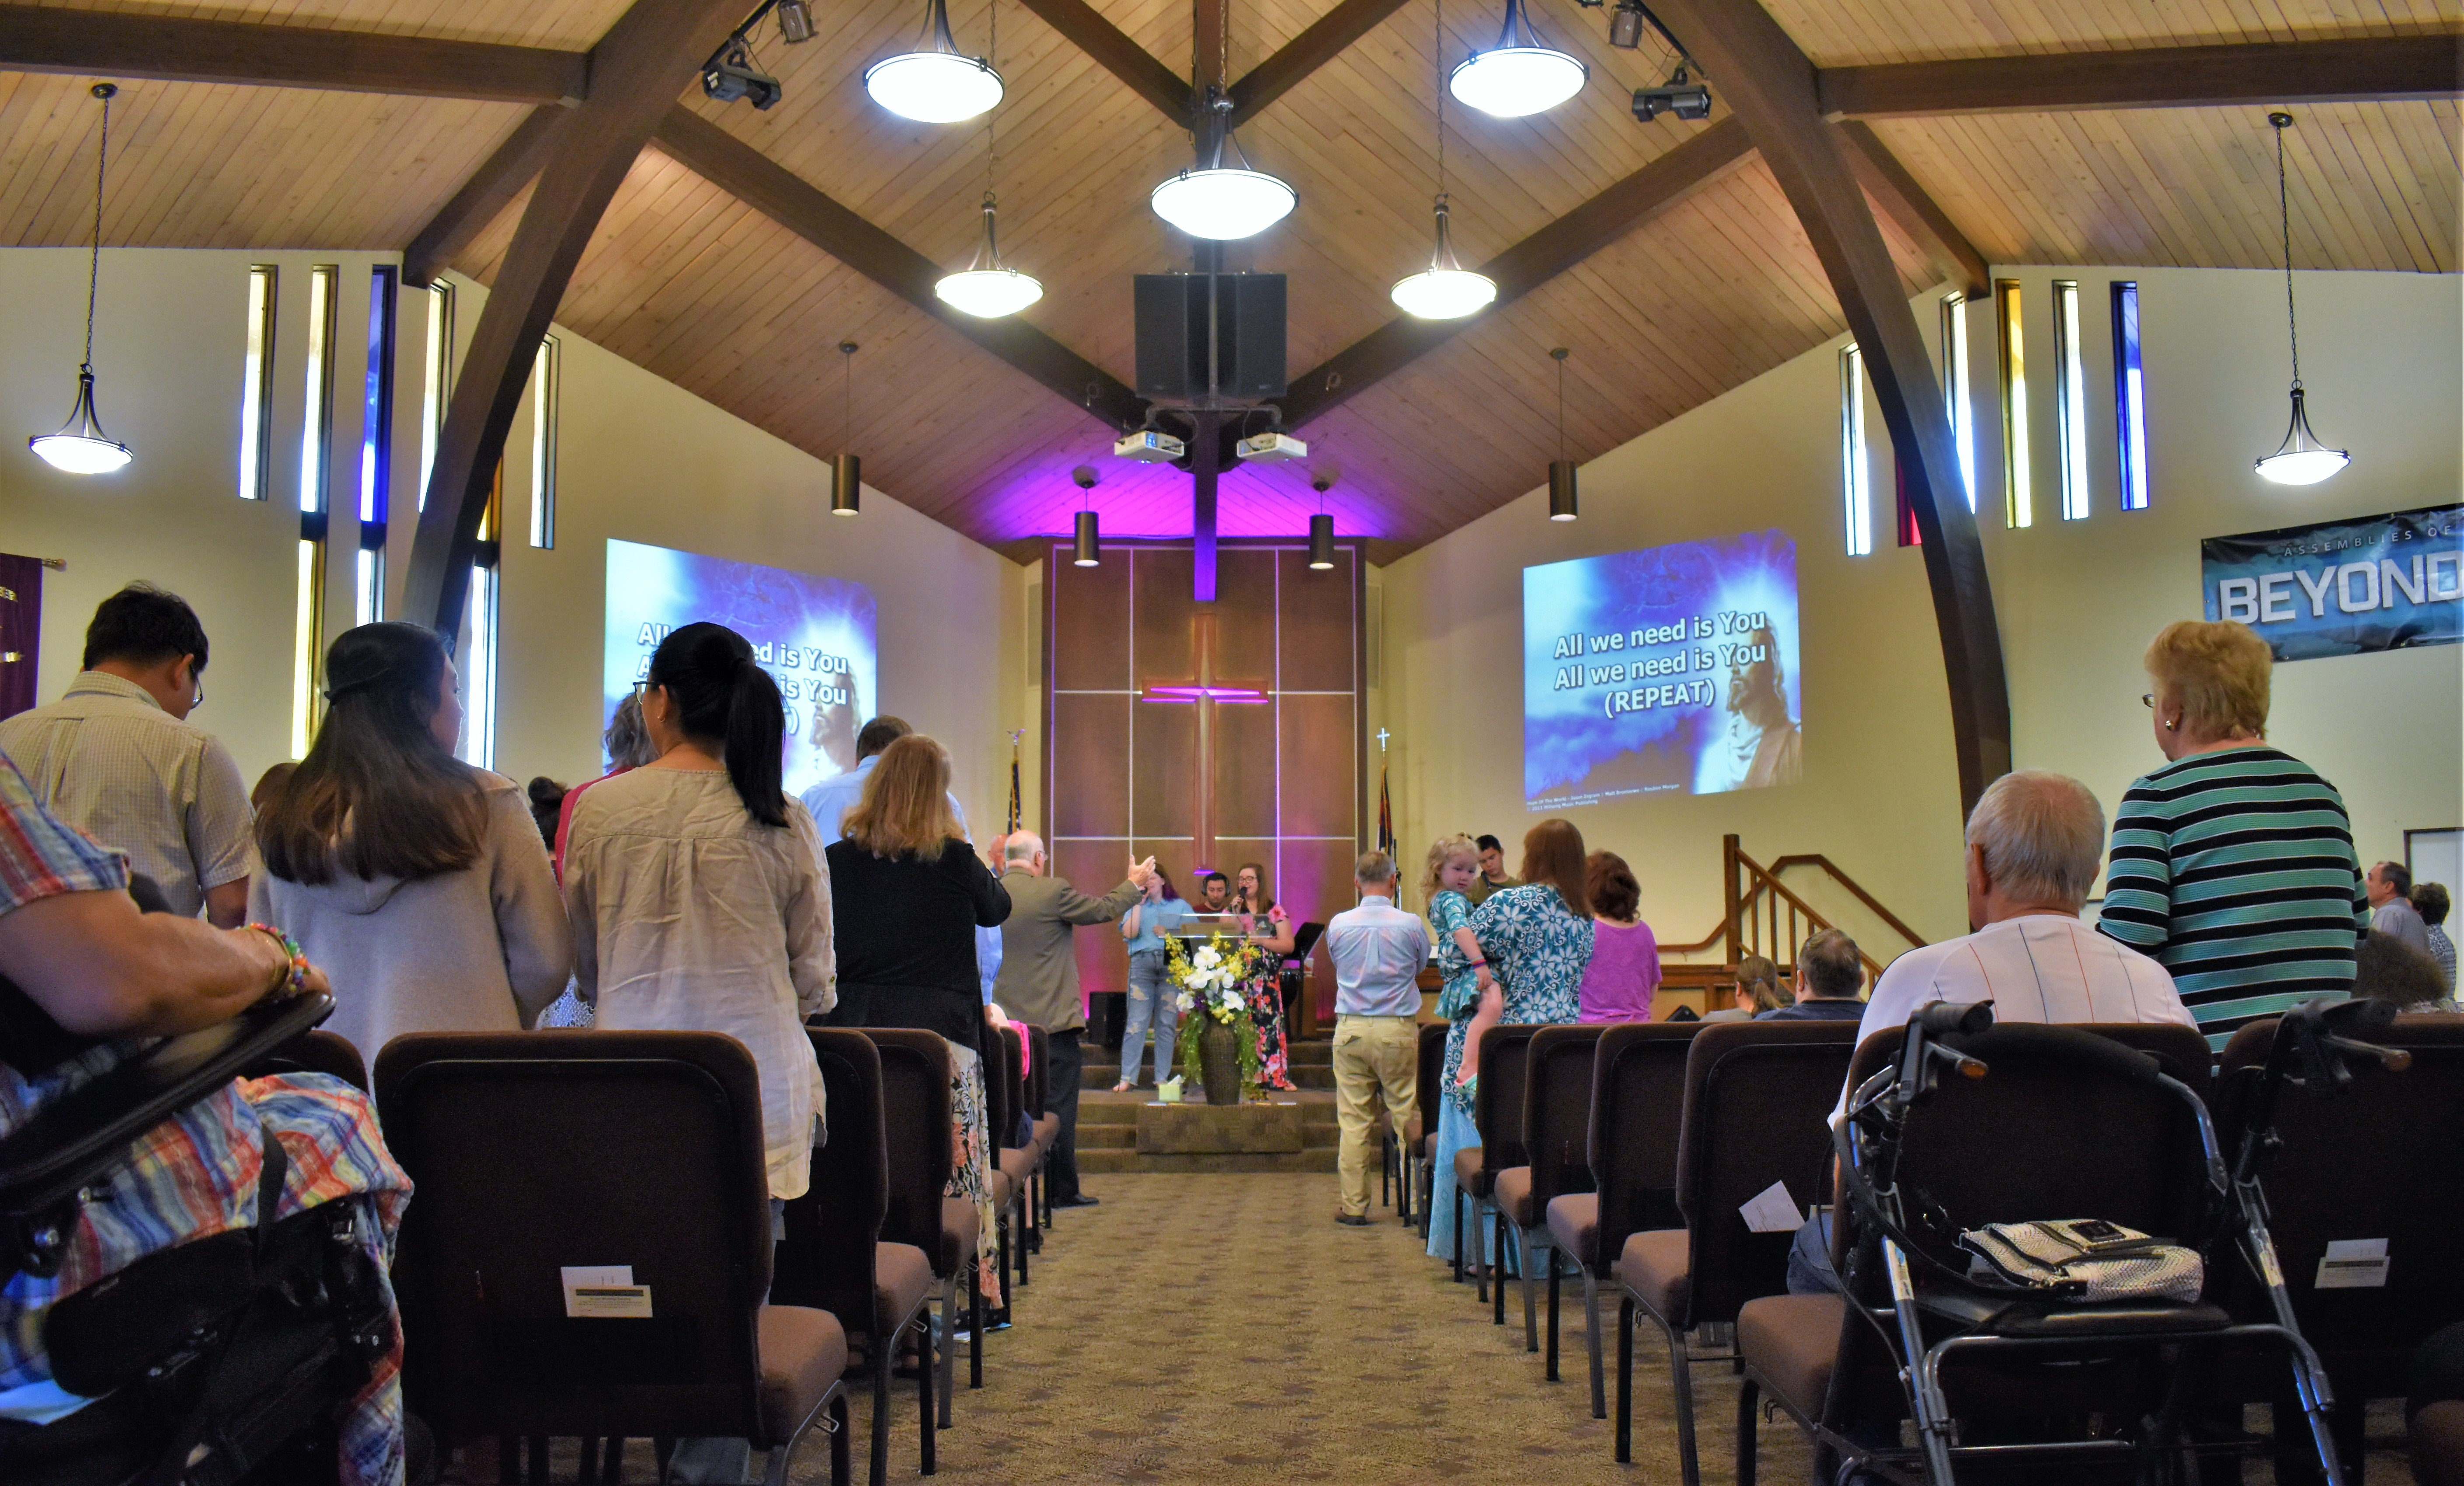 sanctuary during Sunday morning worship